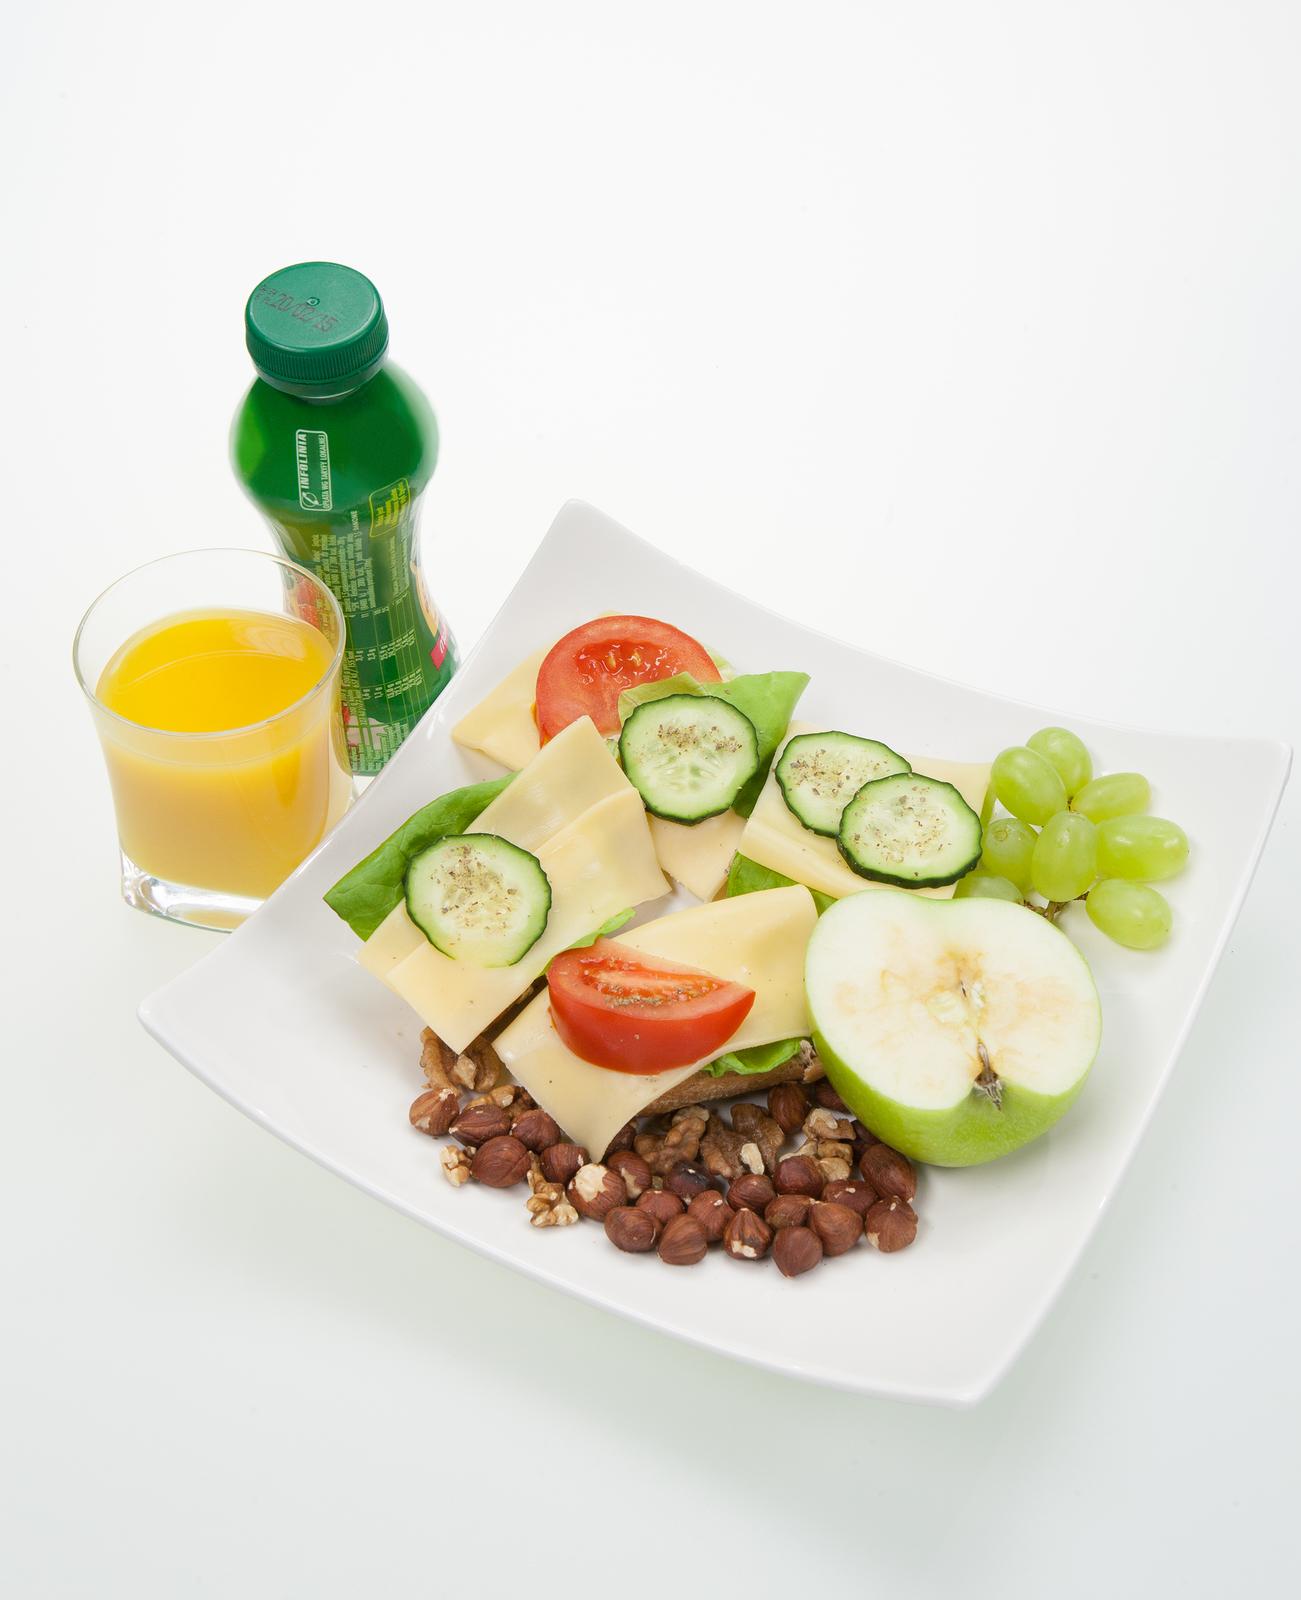 Fotografia przedstawia przygotowany posiłek śniadaniowy. Na talerzu znajdują się kanapki zpełnoziarnistego pieczywa, zserem iwarzywami, atakże owoce iorzechy. Obok talerza stoi plastikowa butelka zjogurtem, atakże szklanka napełniona sokiem owocowym.